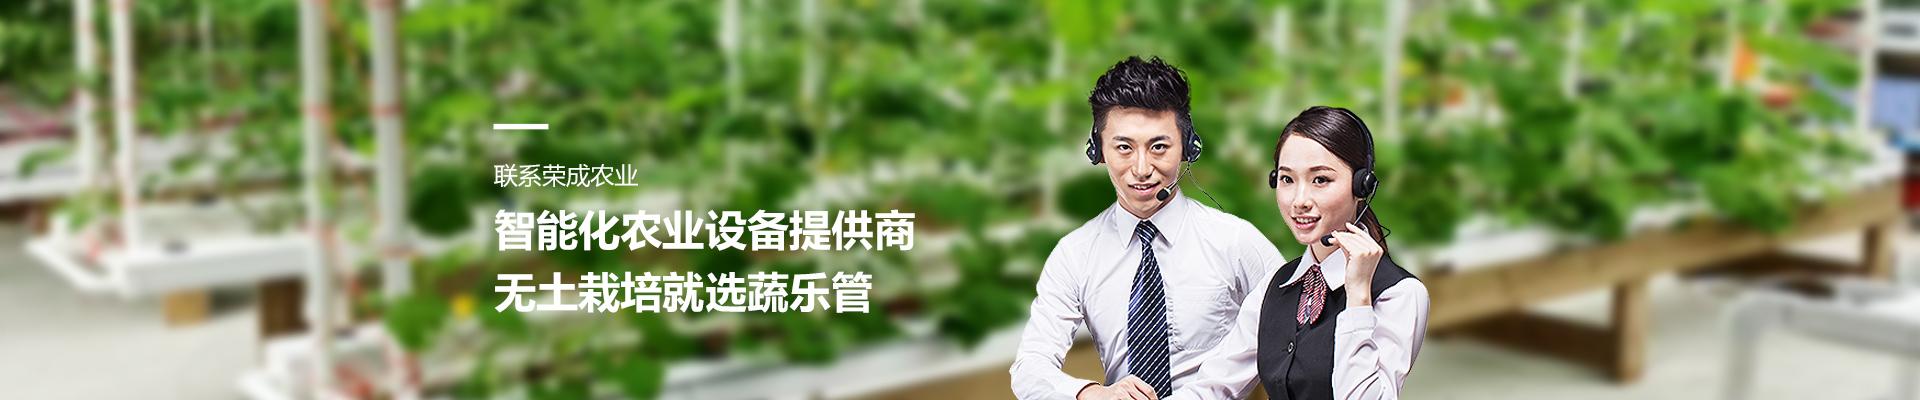 智能化农业设备提供商,无土栽培就选蔬乐管